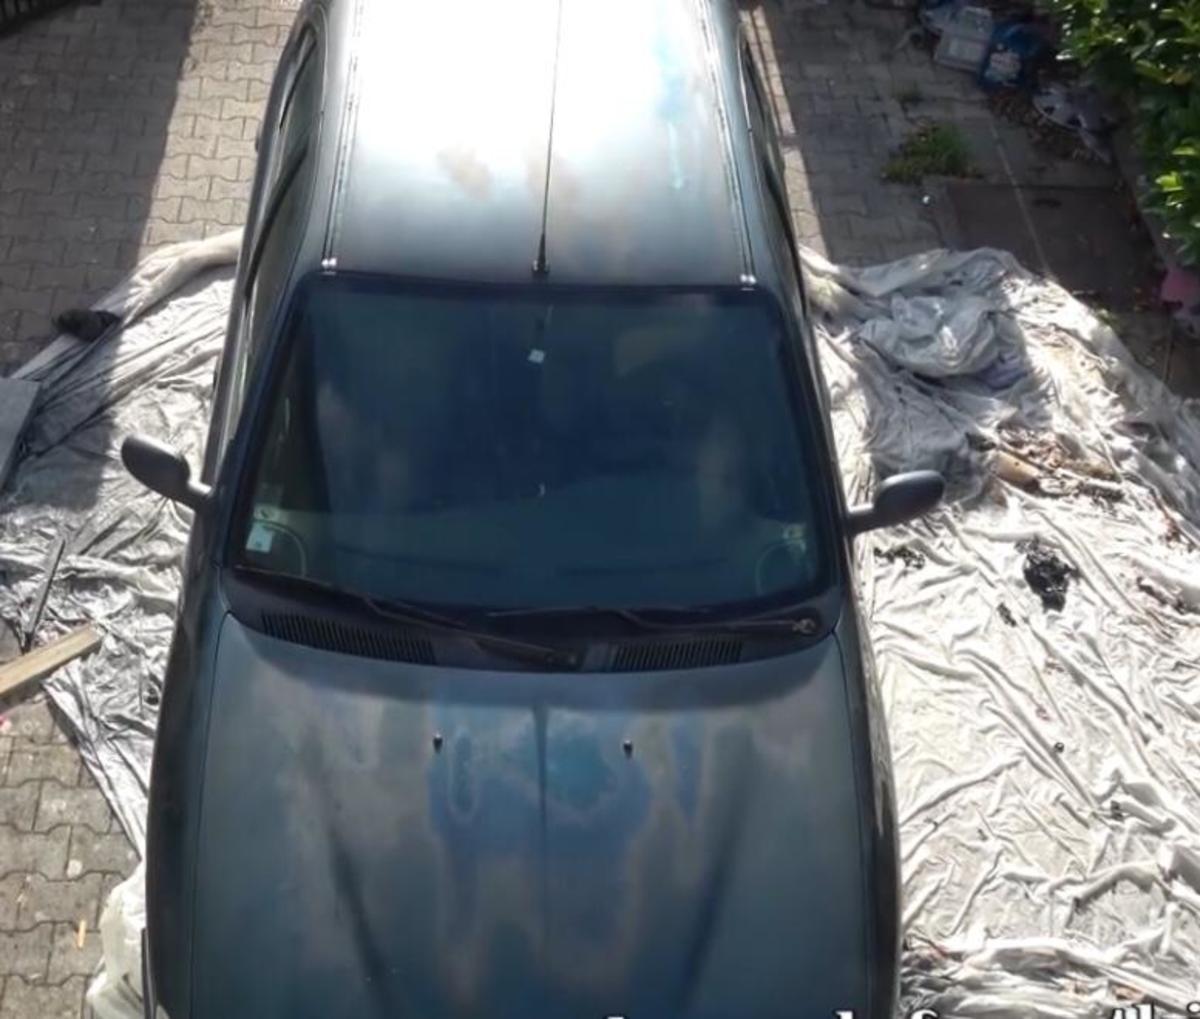 DIY Car Body Work and Repainting